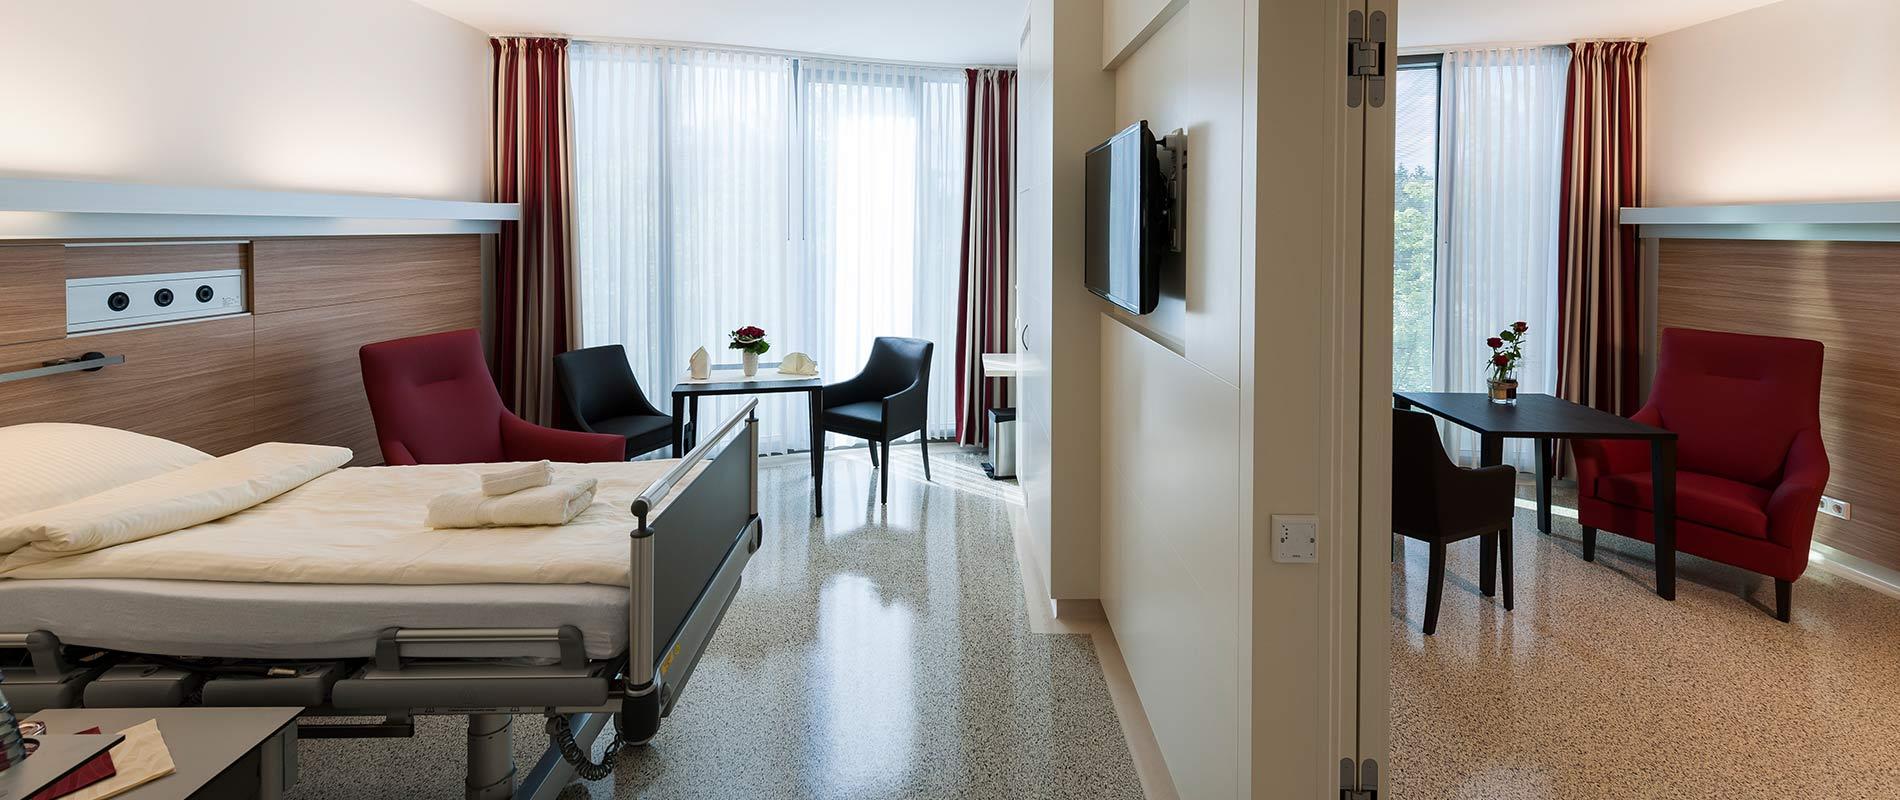 Hdz Patientenzimmer Suite Verbindungstuer